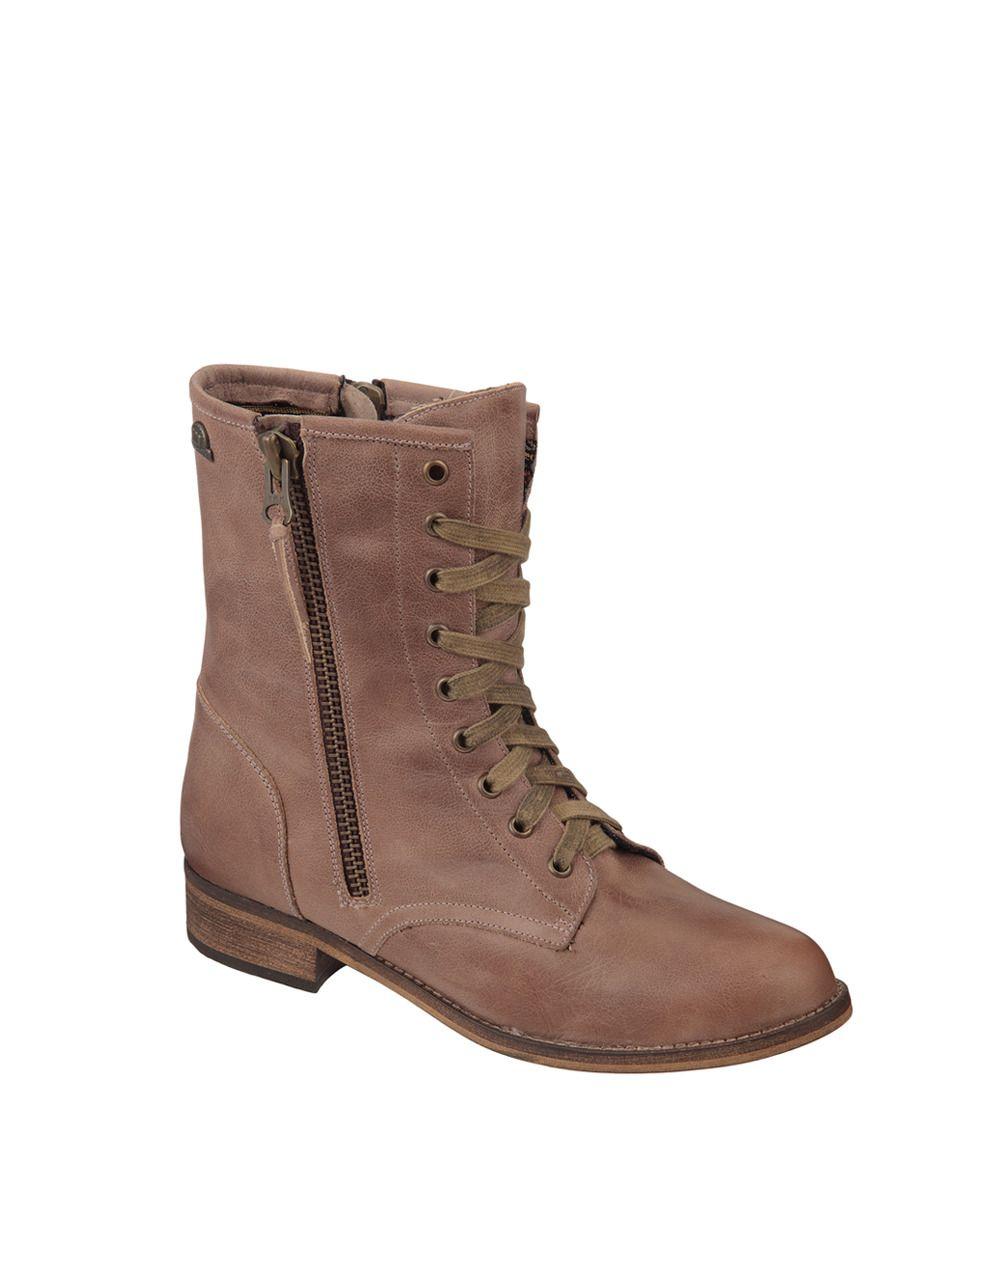 2264153821ed Botas de mujer Mustang - Mujer - Zapatos - El Corte Inglés - Moda ...